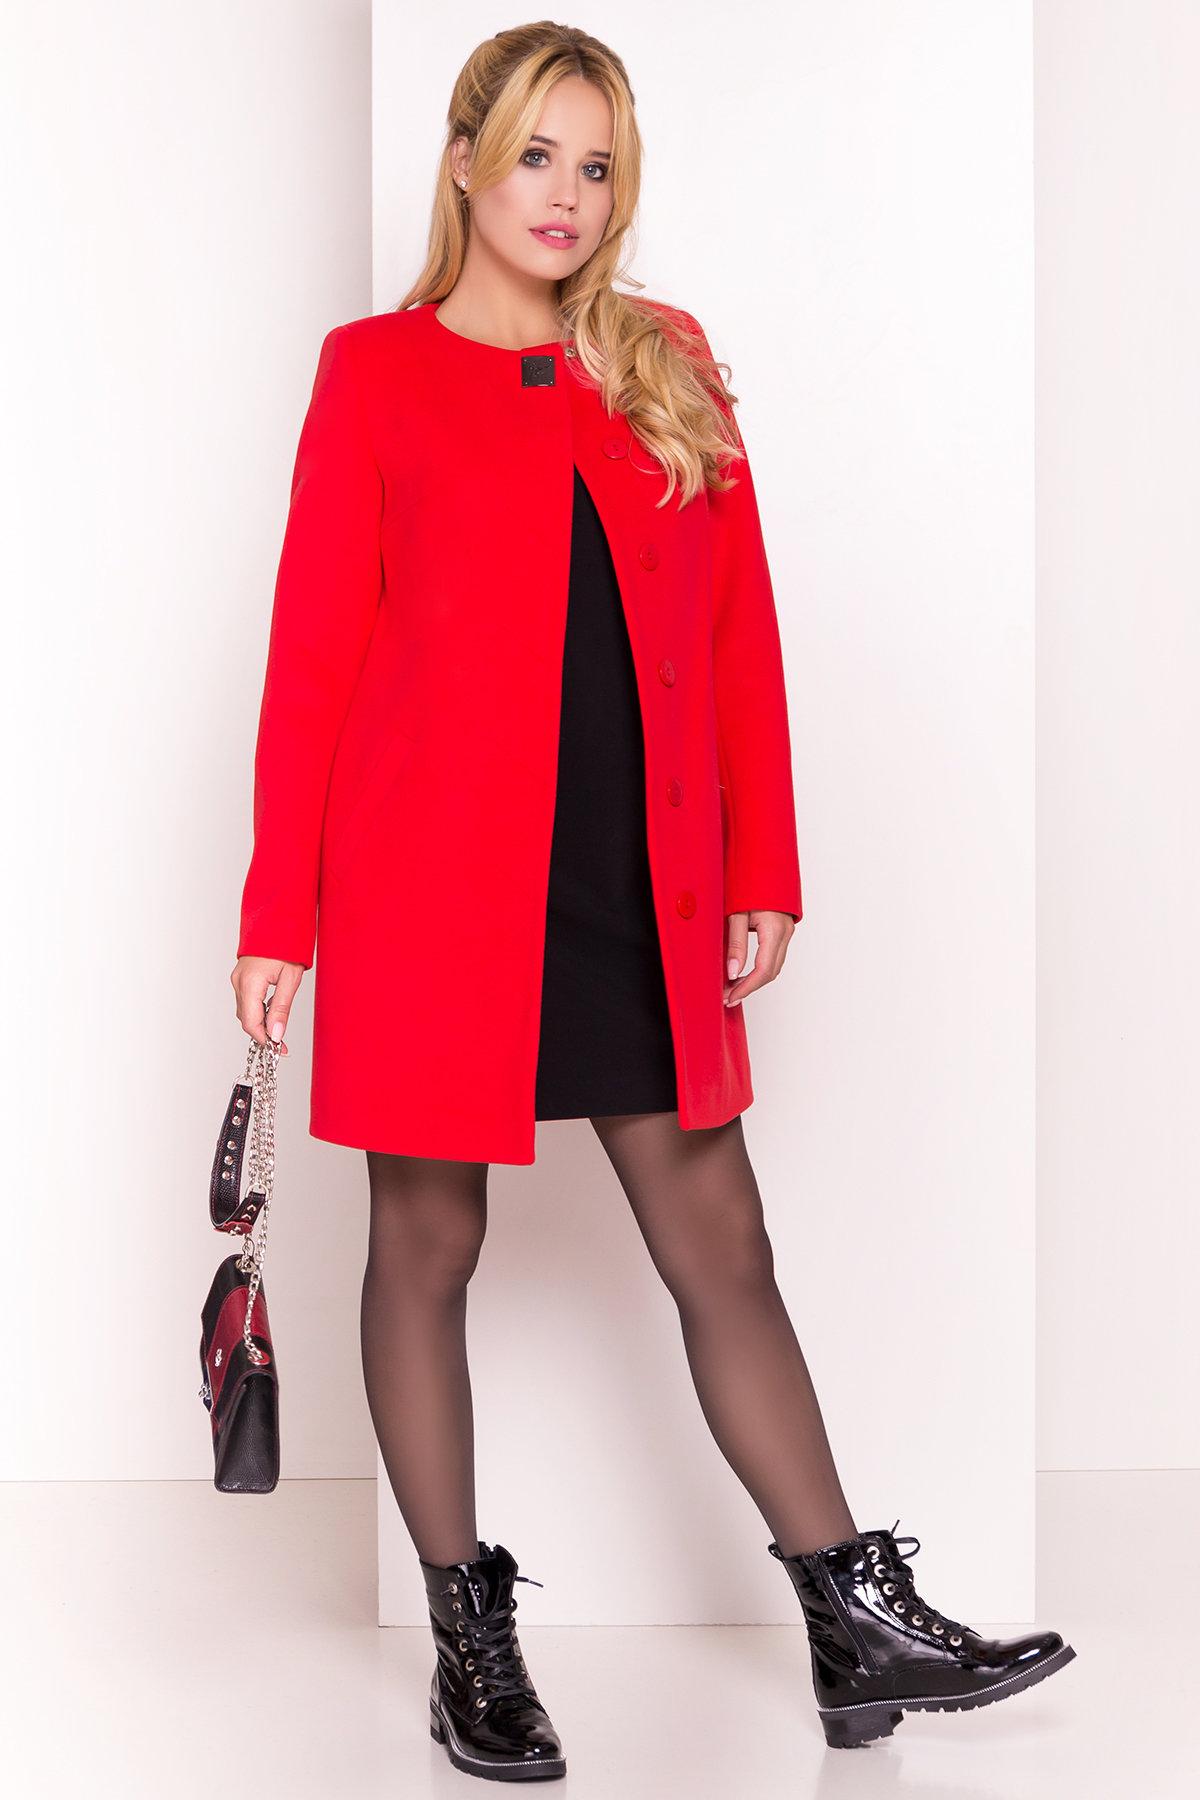 Пальто Фортуна 4812 АРТ. 5342 Цвет: Красный 6 - фото 1, интернет магазин tm-modus.ru